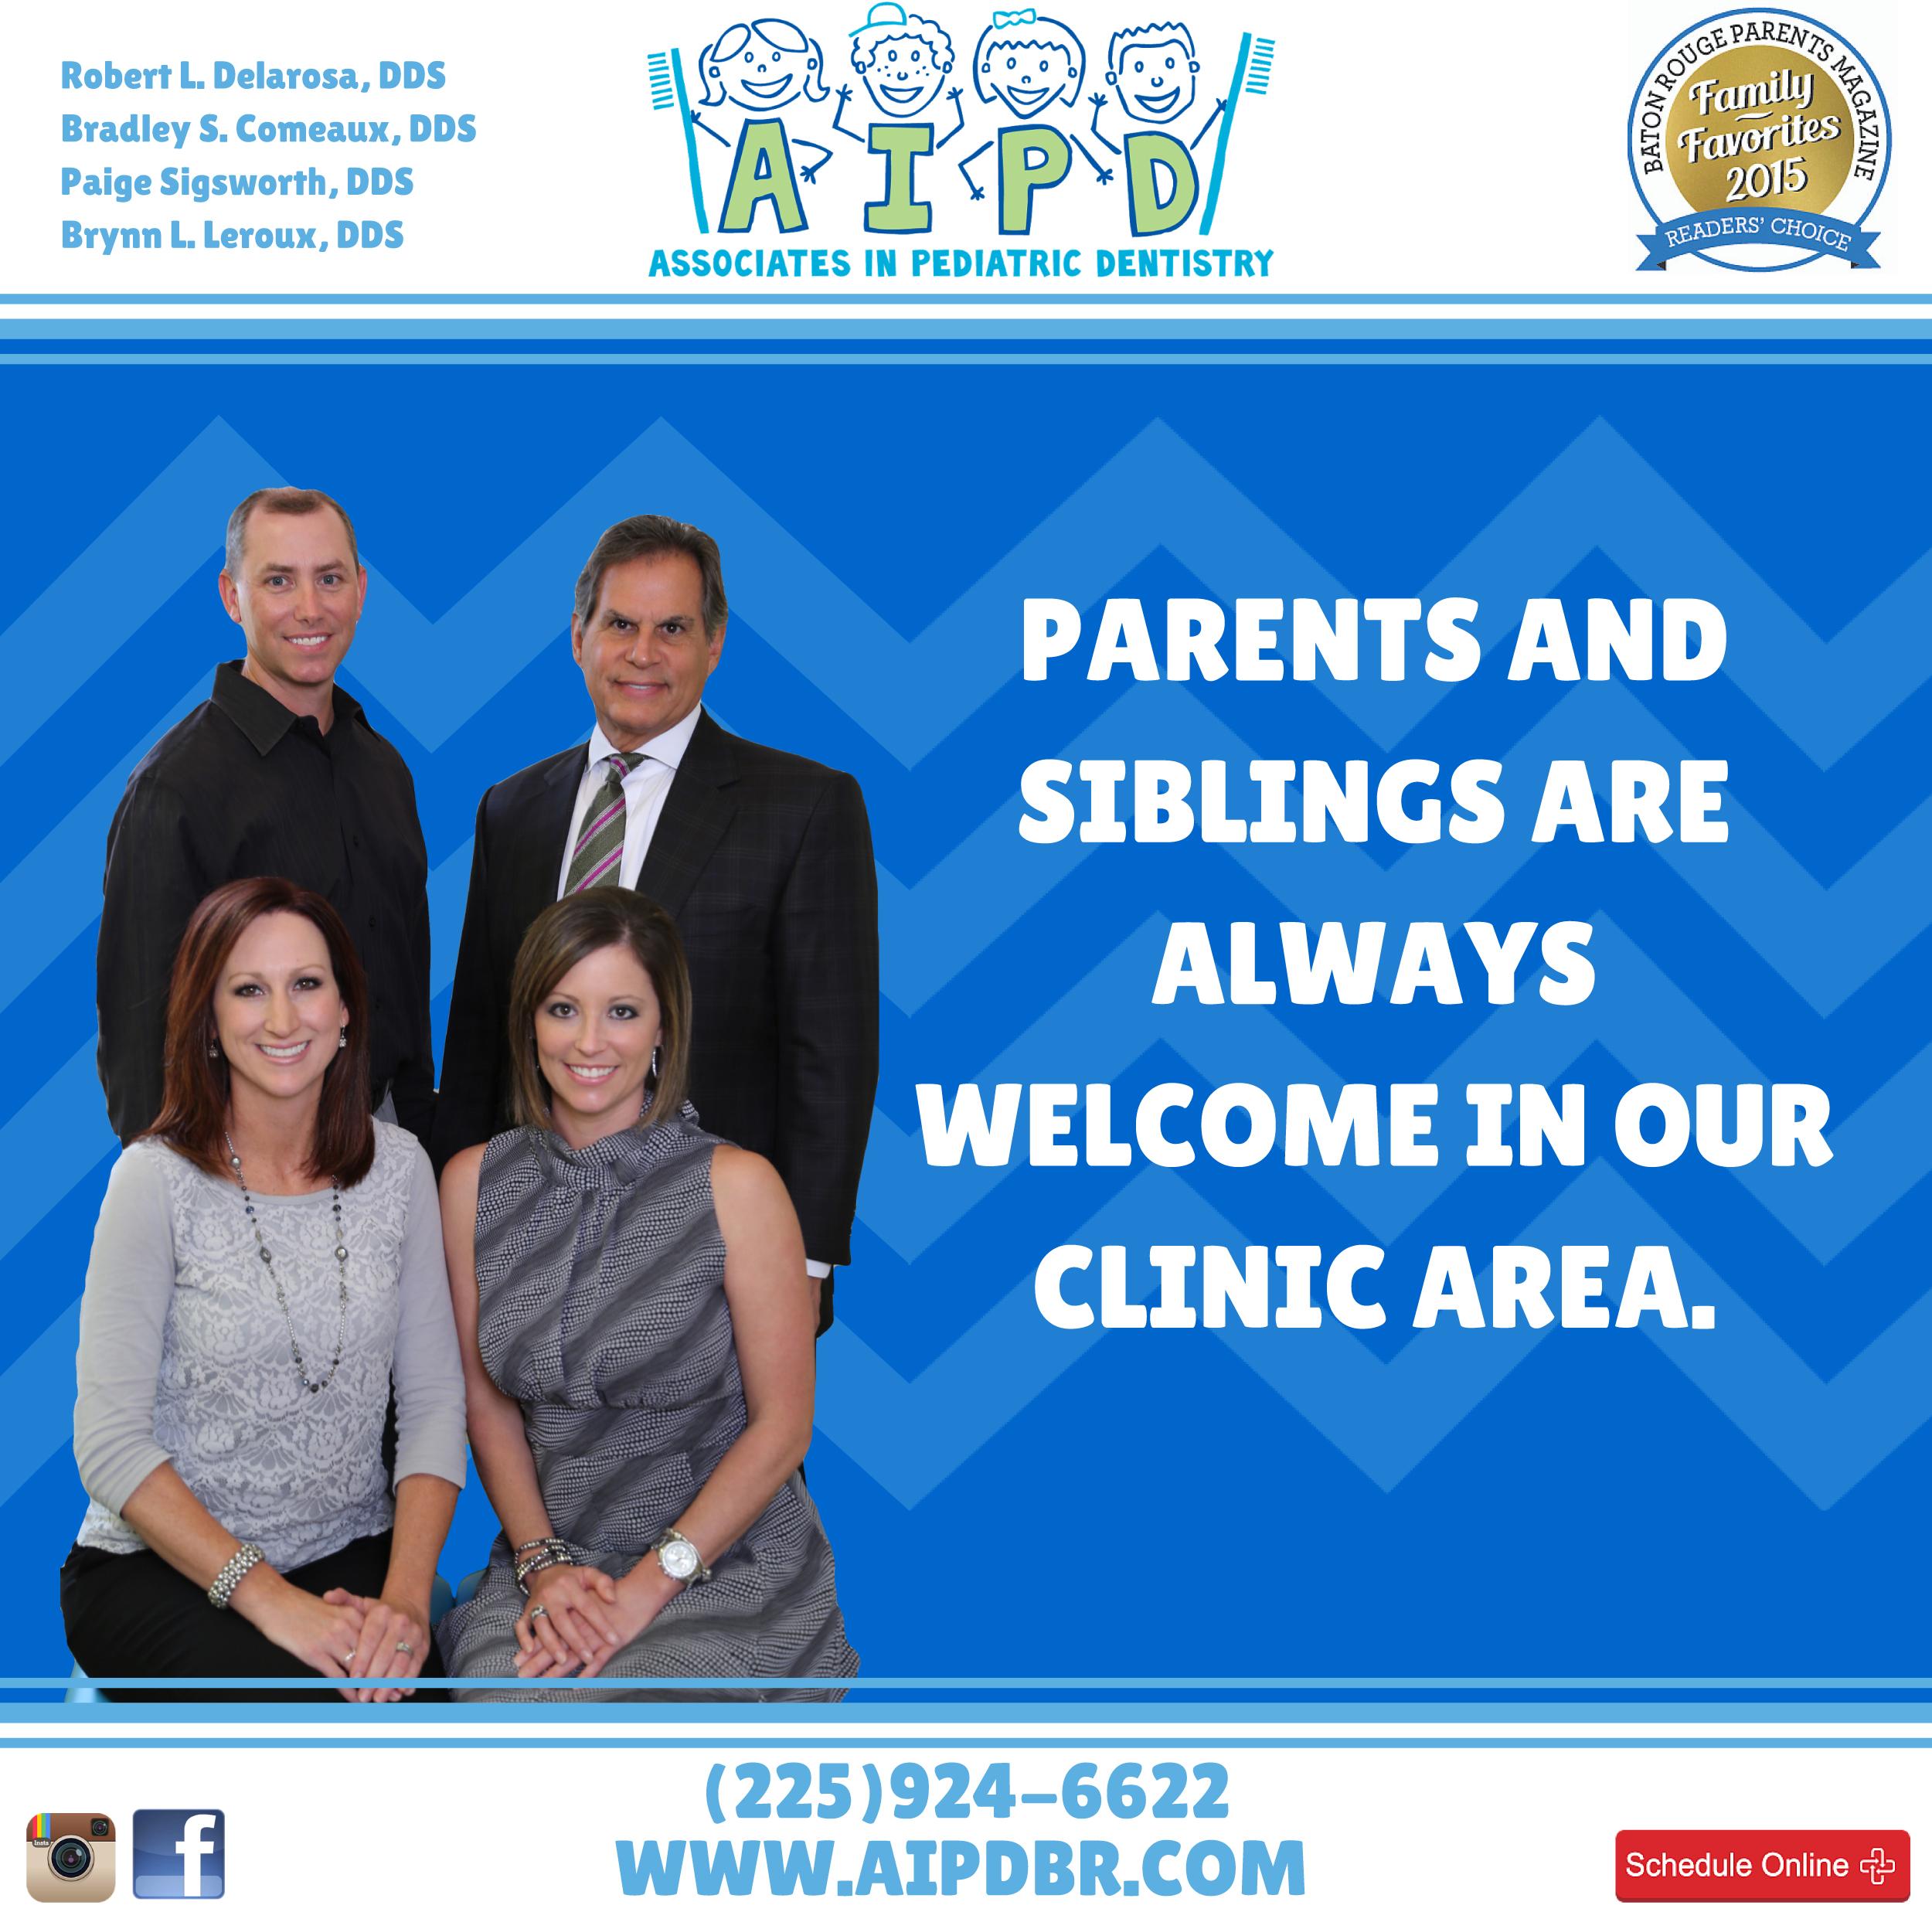 Associates in Pediatric Dentristy